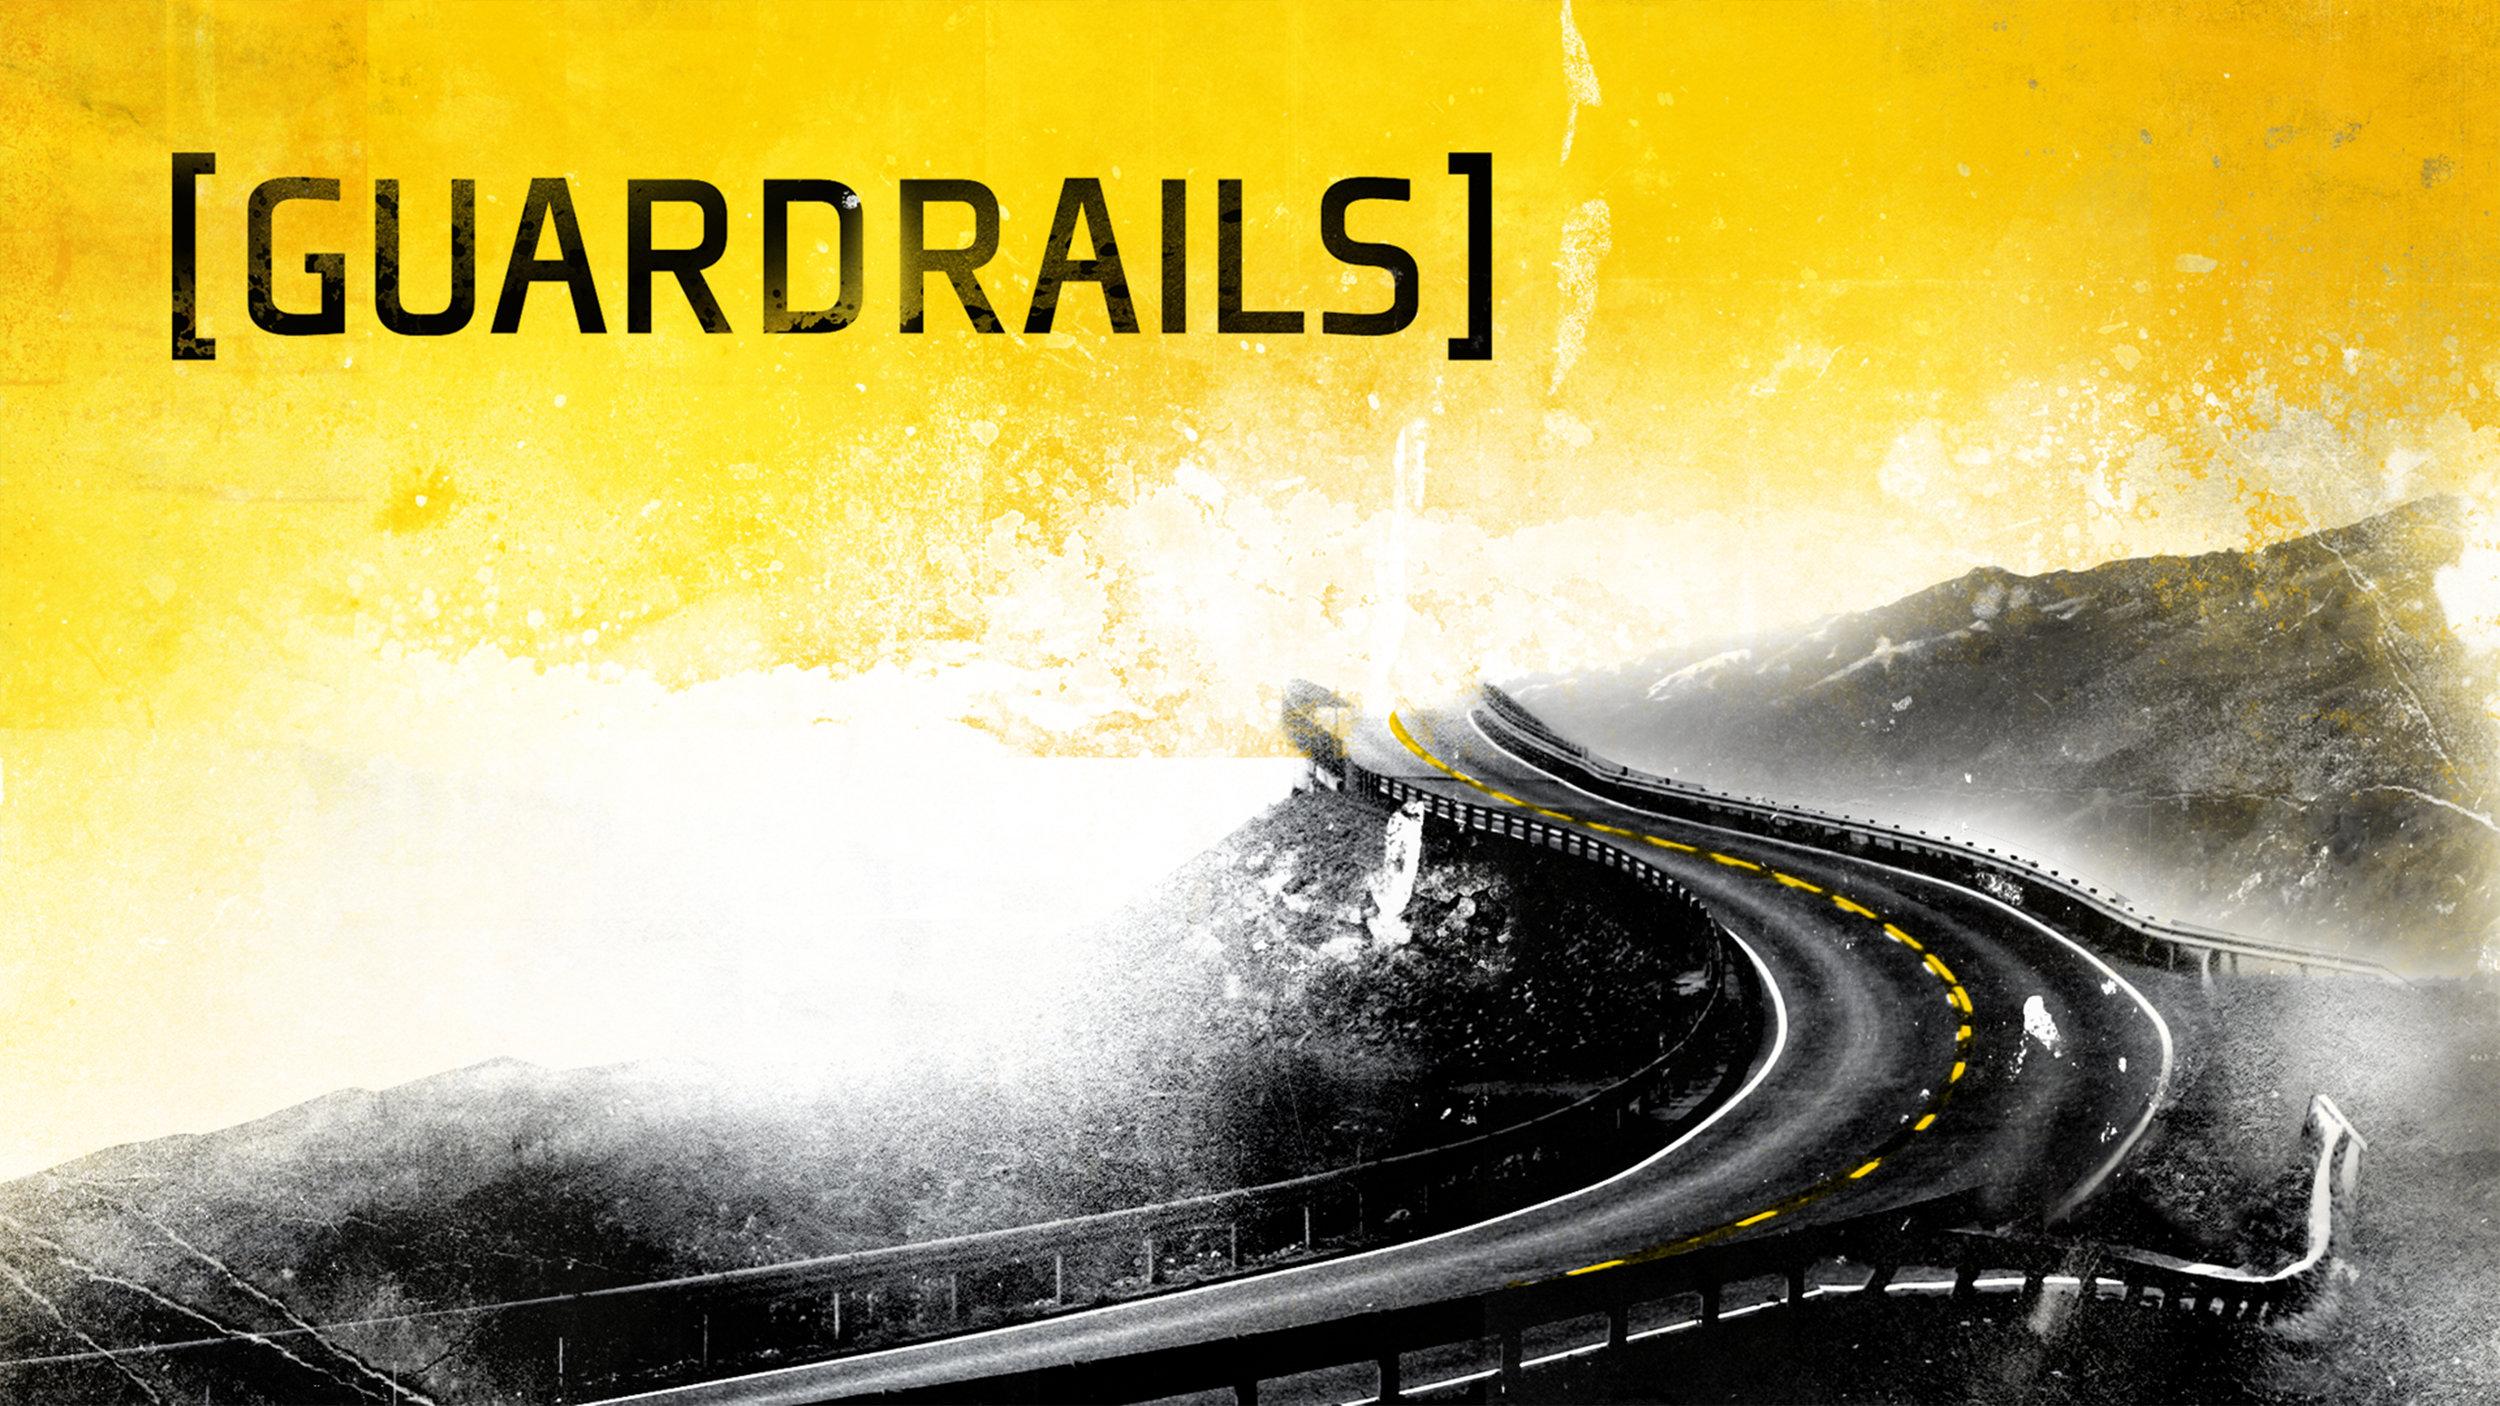 guardrails-16x9_main.jpg